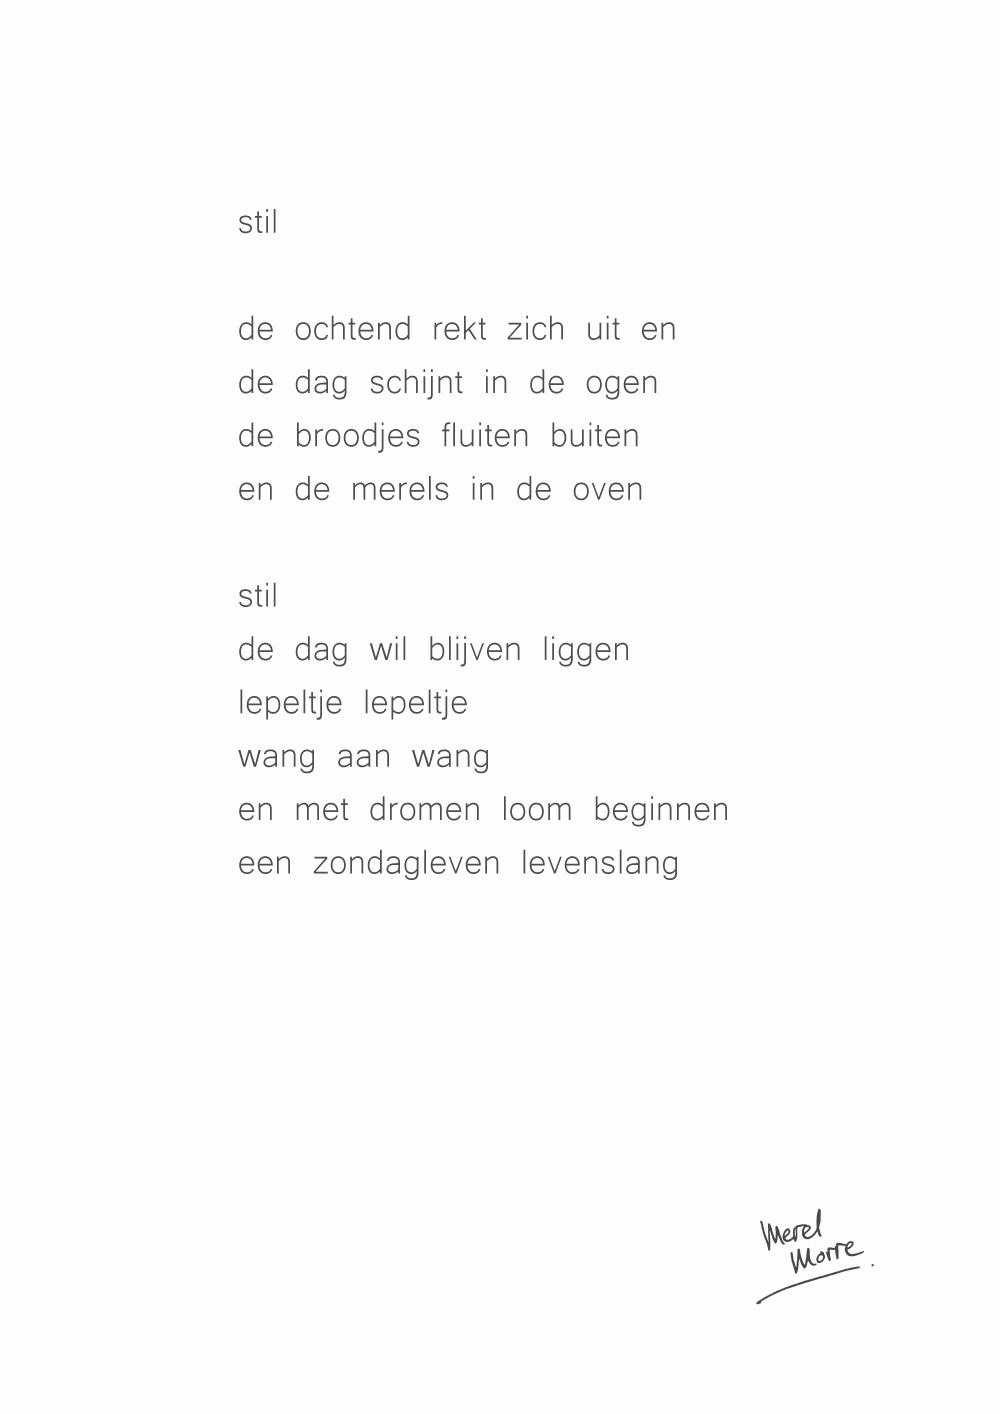 Verwonderlijk MEREL MORRE | DICHTER EN TEKSTSCHRIJVER. WOONT IN EINDHOVEN VW-97